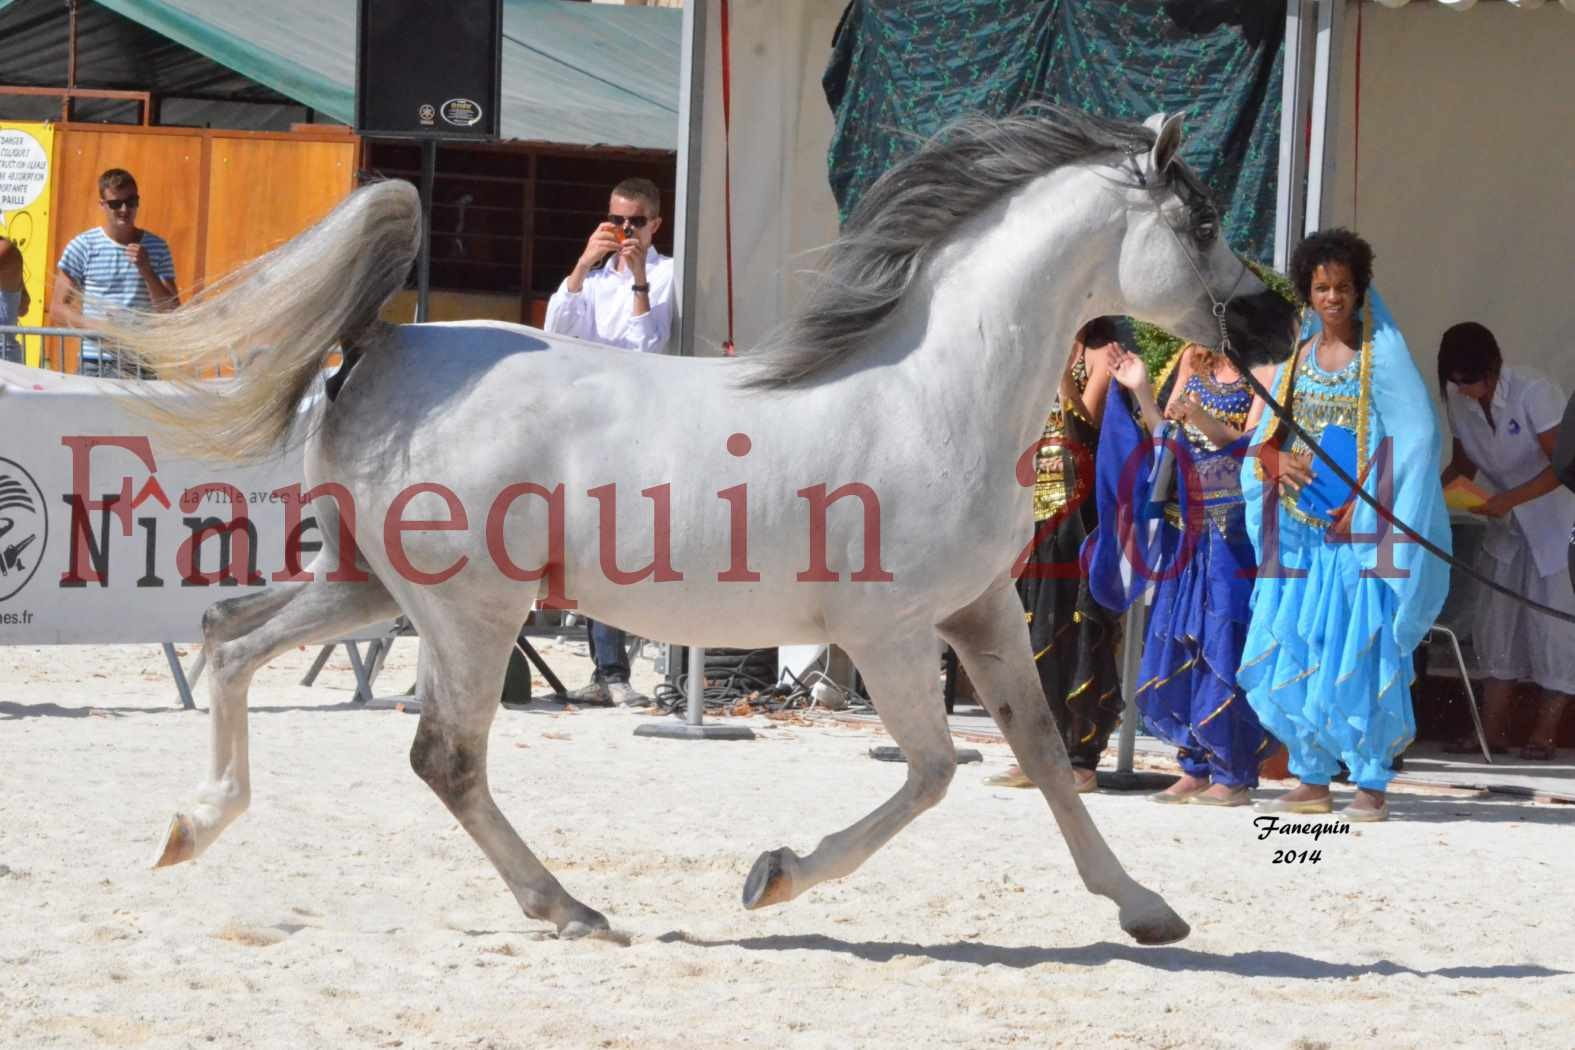 Concours National de Nîmes de chevaux ARABES 2014 - Notre Sélection - SHAOLIN DE NEDJAIA - 08